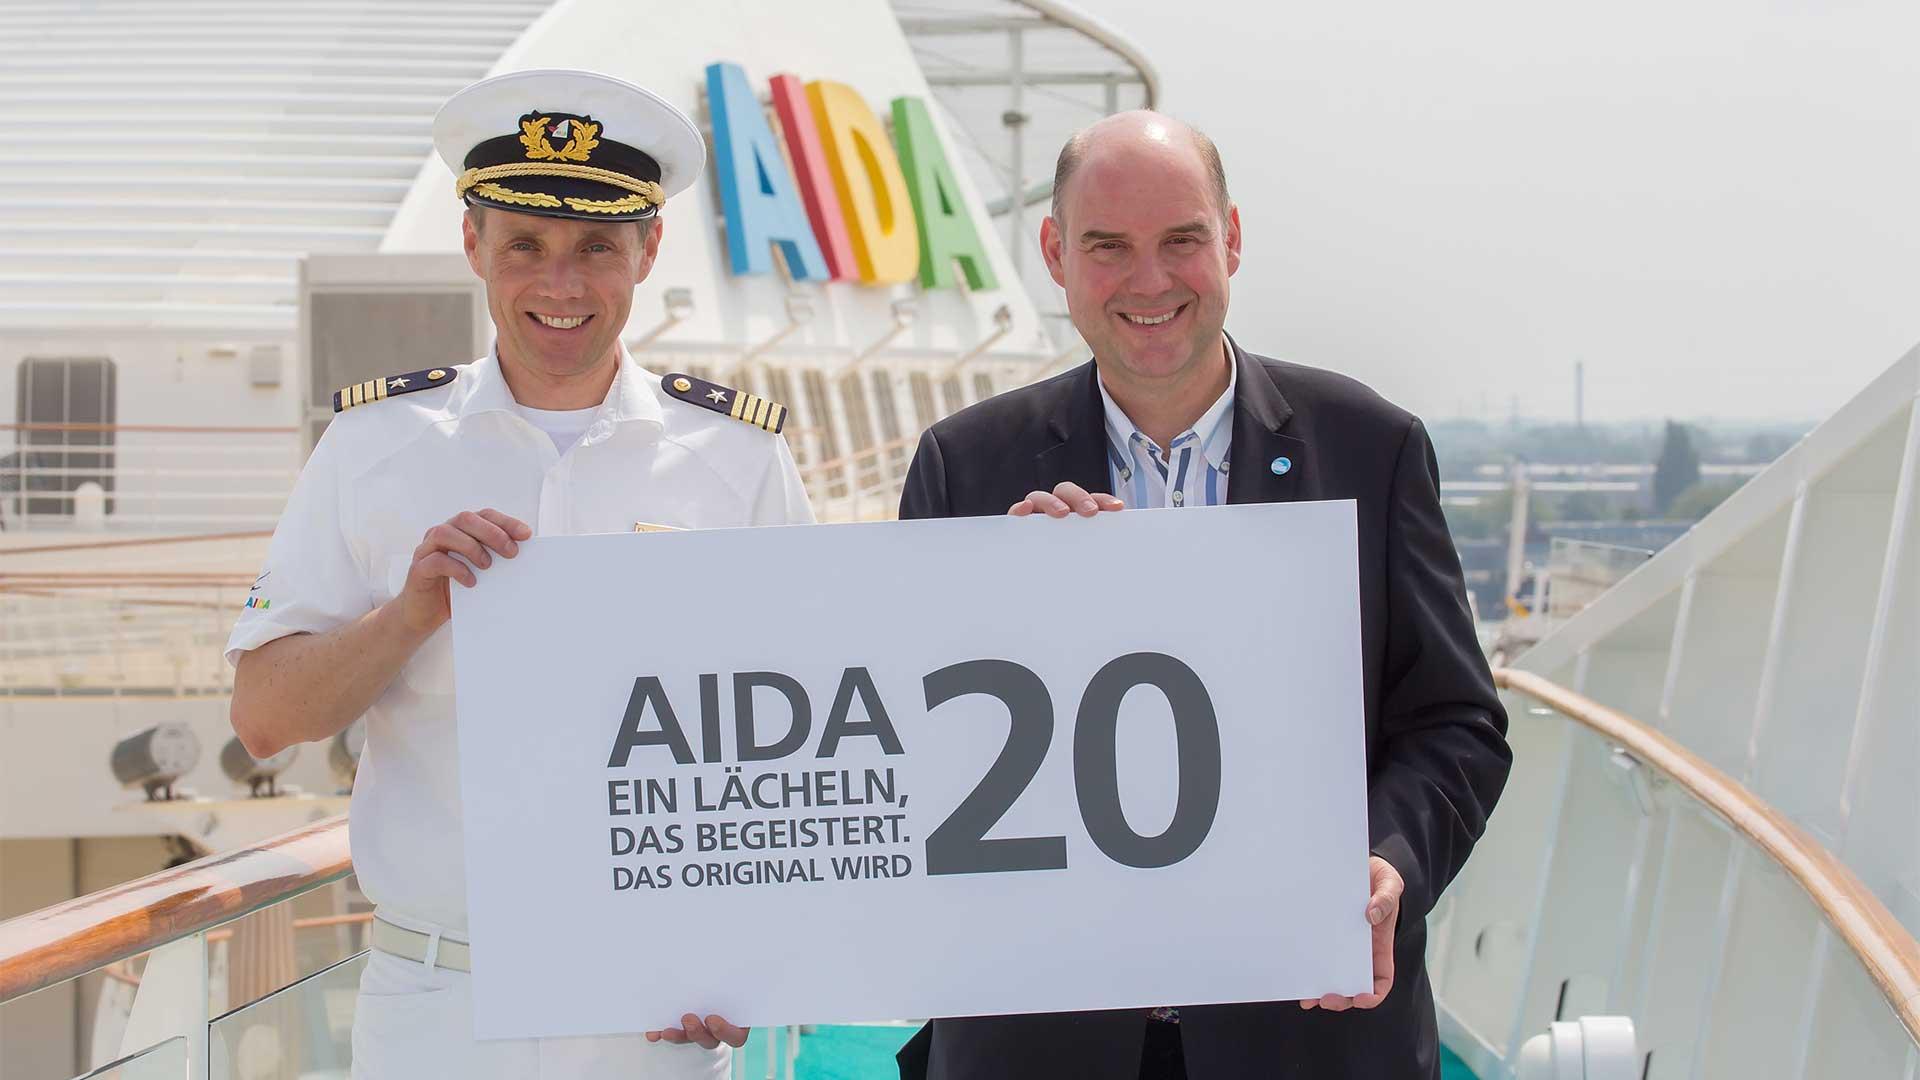 Kapitän David Adrian und AIDA Präsident Michael Ungerer auf dem Sonnendeck der AIDAbella. © Christian Lietzmann / AIDA Cruies  © AIDA Cruises